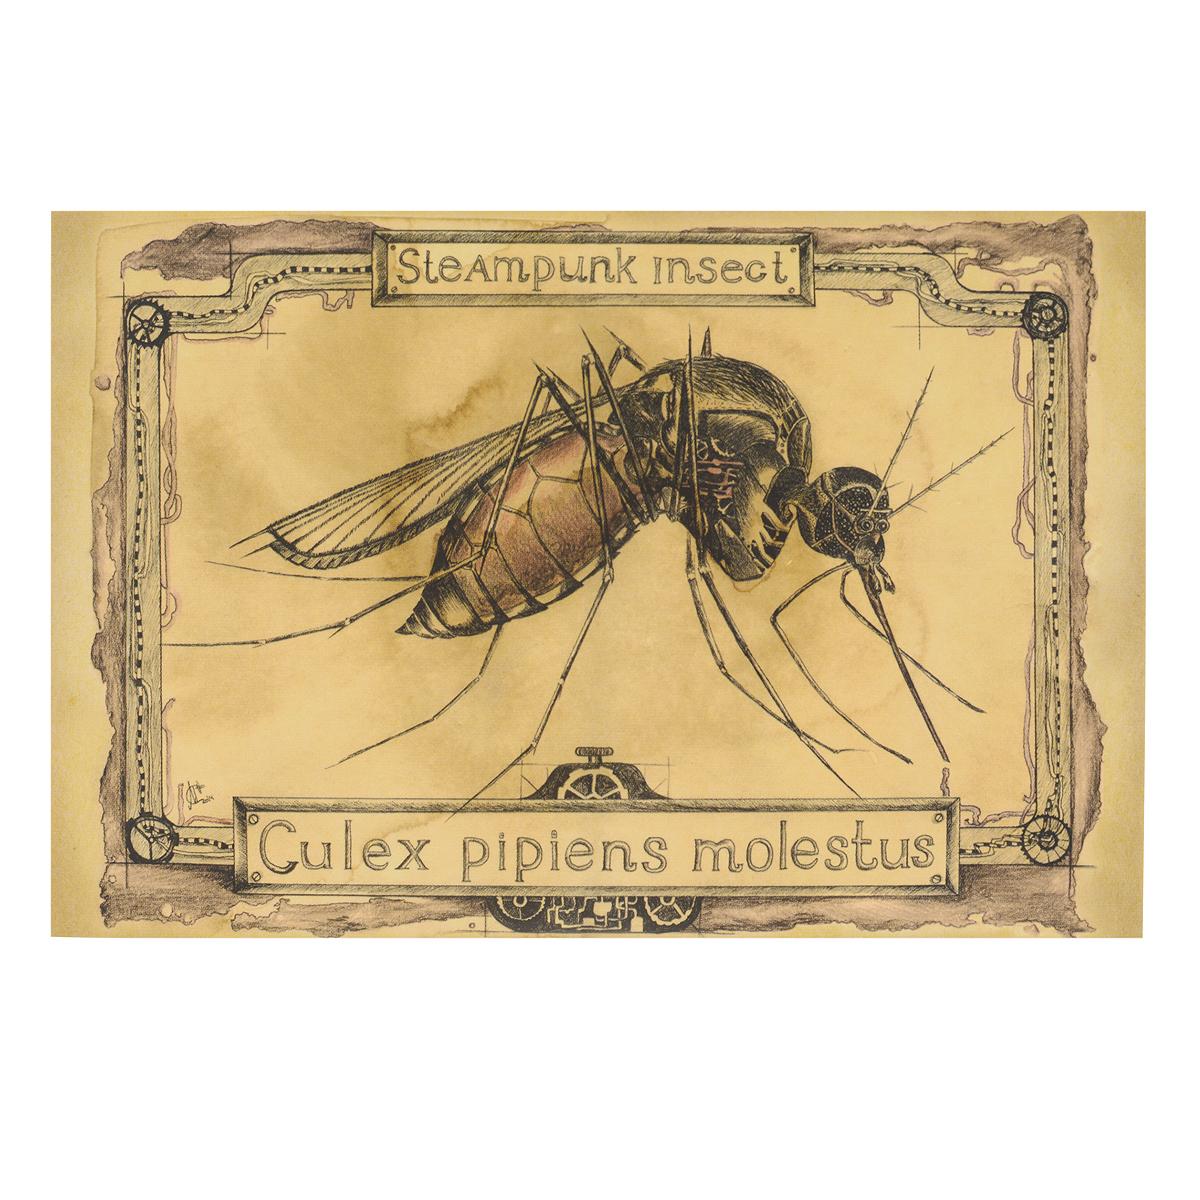 """Оригинальная дизайнерская открытка """"Комар"""" из серии """"Steampunk Insect"""" выполнена из плотного матового картона. На лицевой стороне расположена репродукция картины художницы Марии Скородумовой. Такая открытка станет великолепным дополнением к подарку или оригинальным почтовым посланием, которое, несомненно, удивит получателя своим дизайном и подарит приятные воспоминания."""